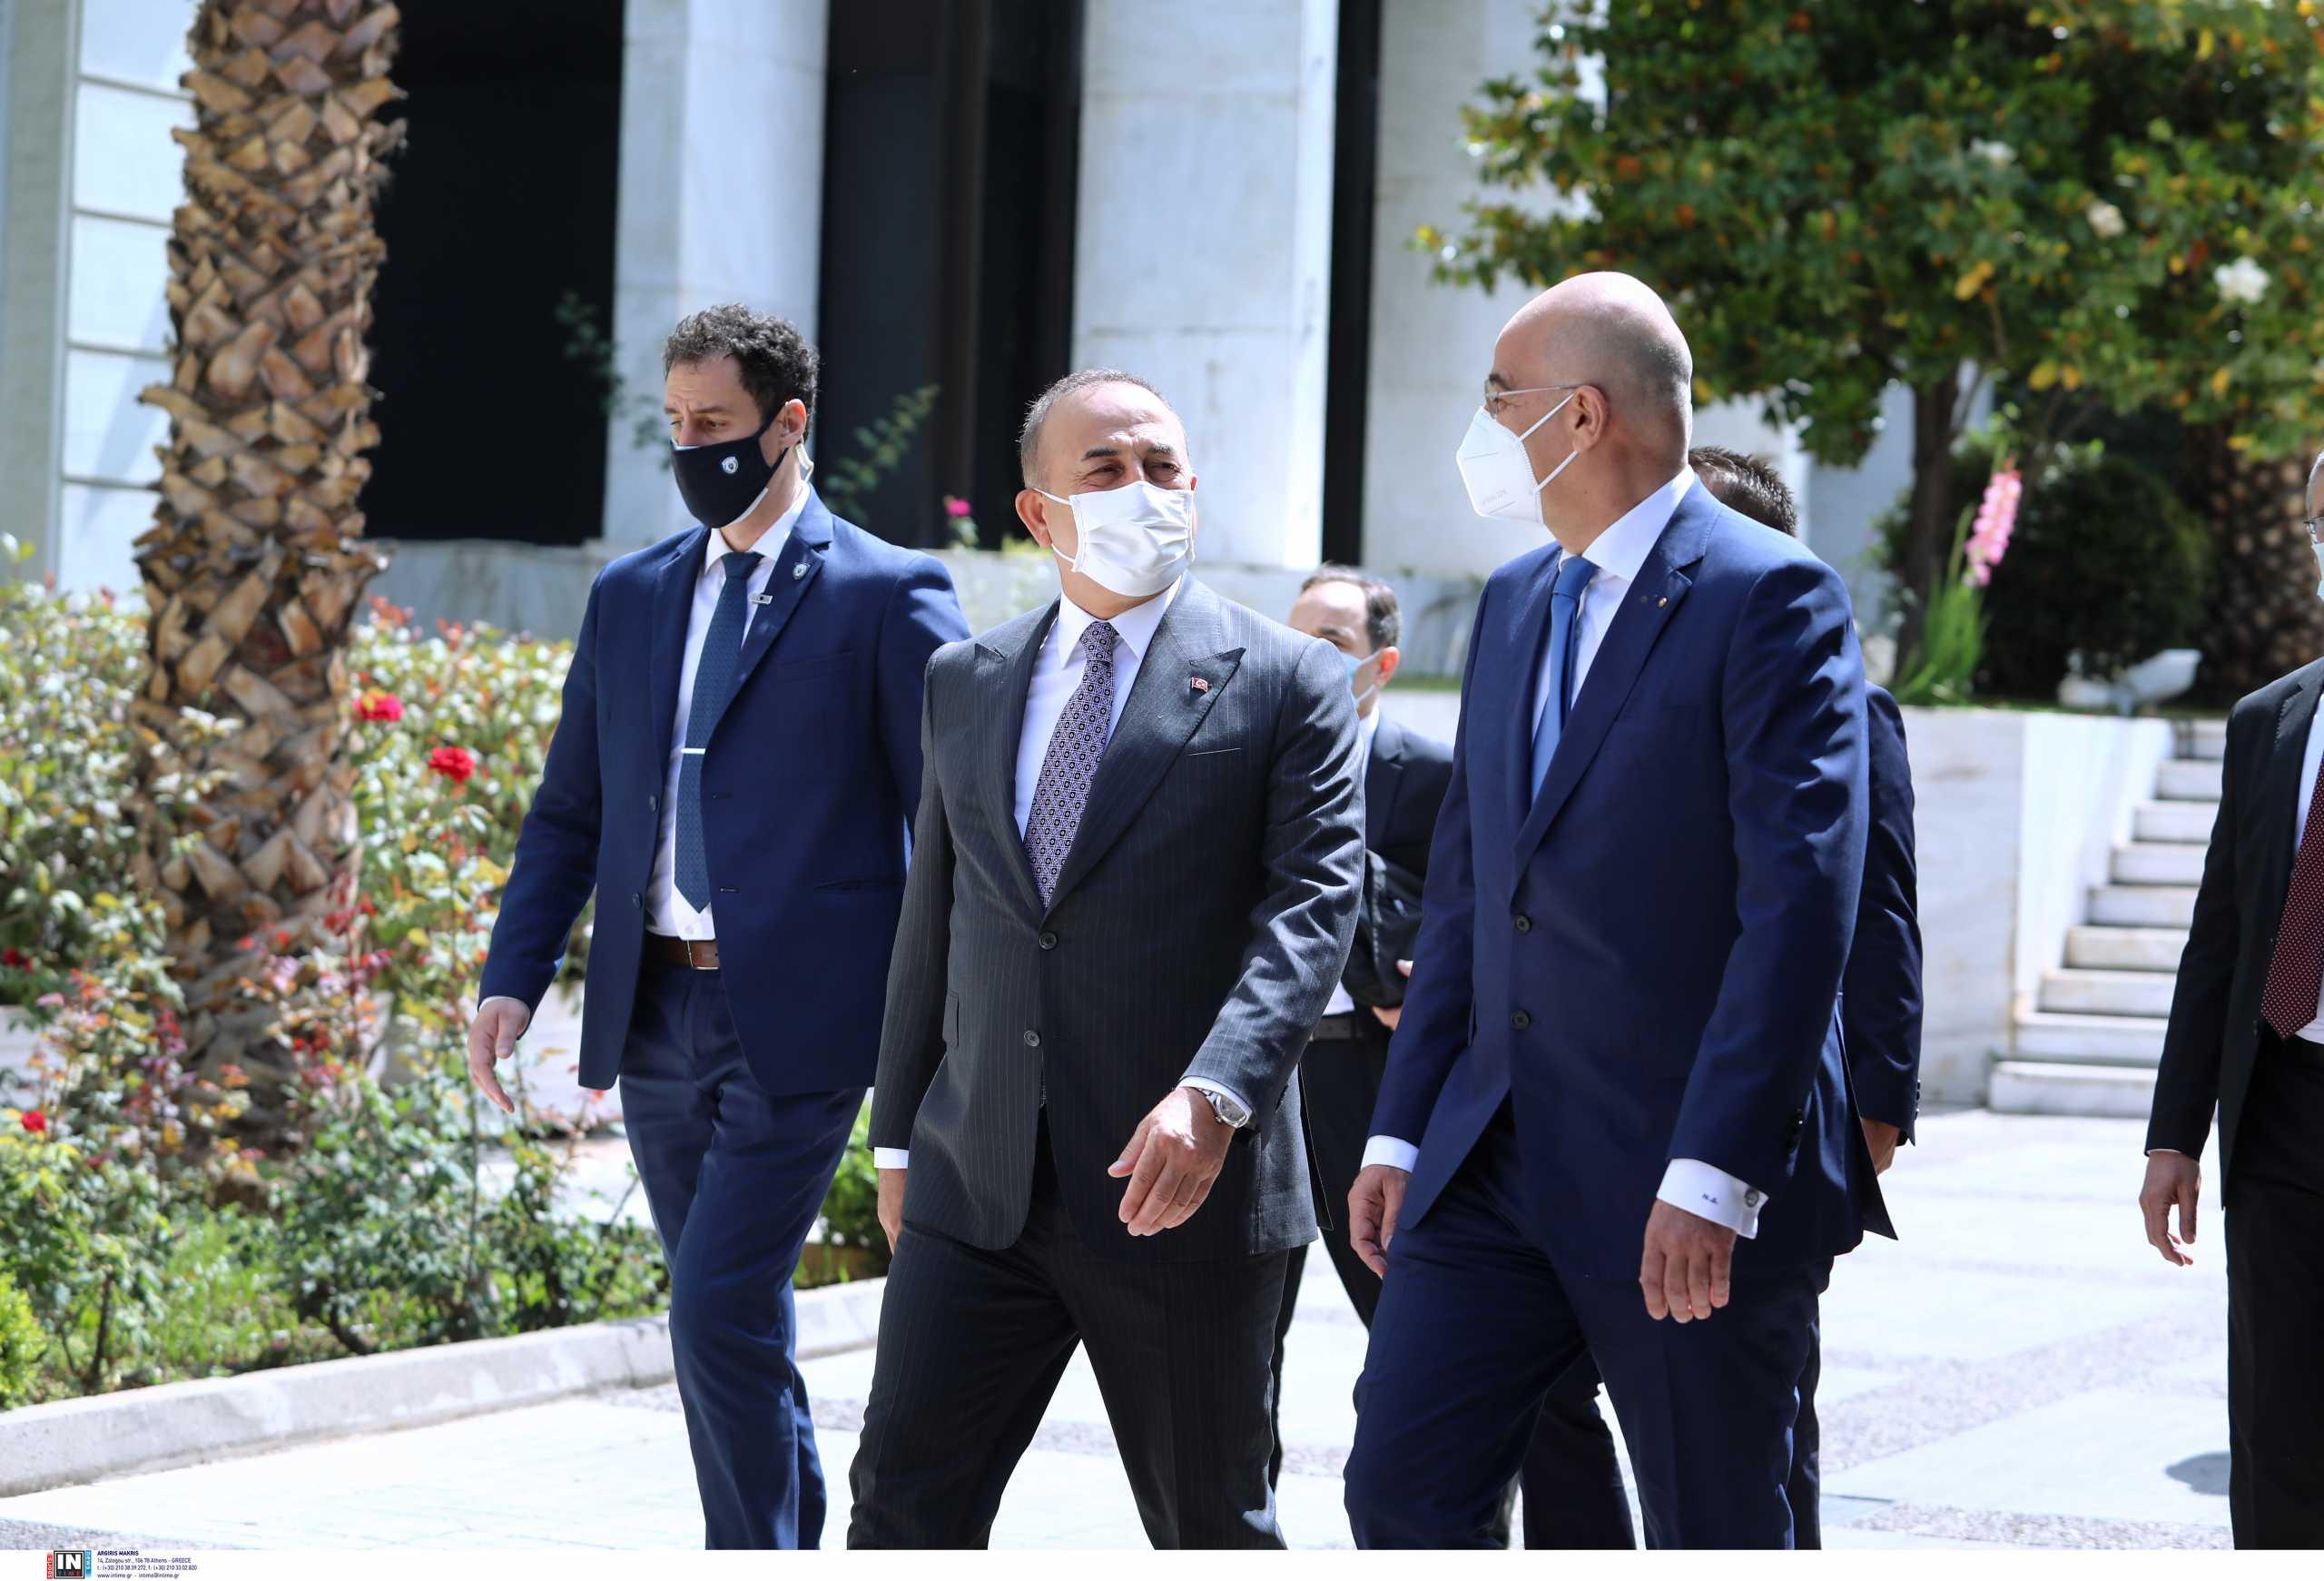 Δένδιας: Η Τουρκία πλέον ξέρει καλά ότι έχουμε διαμετρικά αντίθετες απόψεις